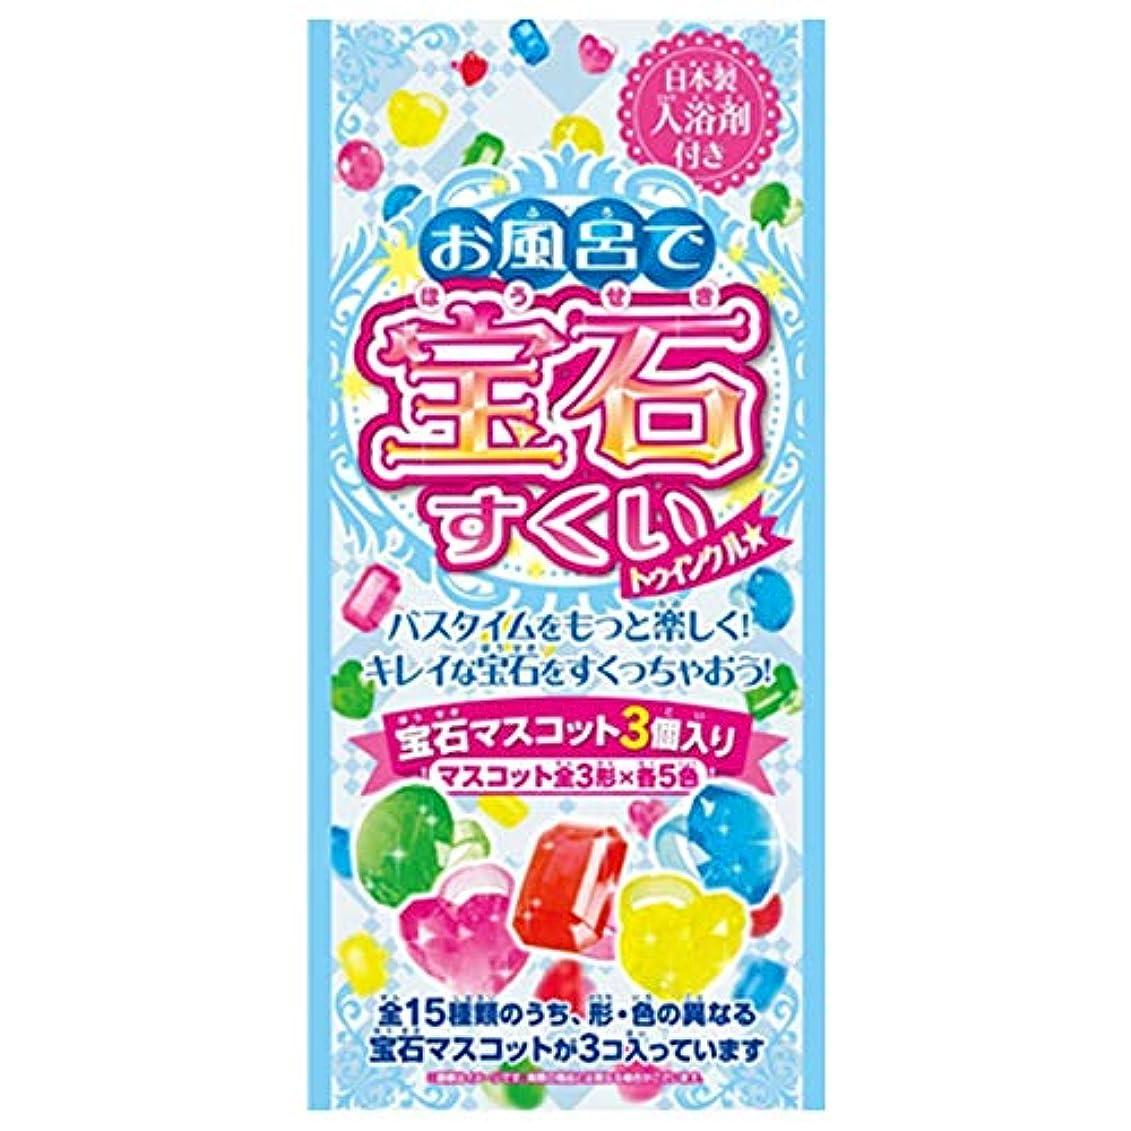 事務所葉っぱ試みるお風呂で宝石すくい トゥインクル 25g(1包入)